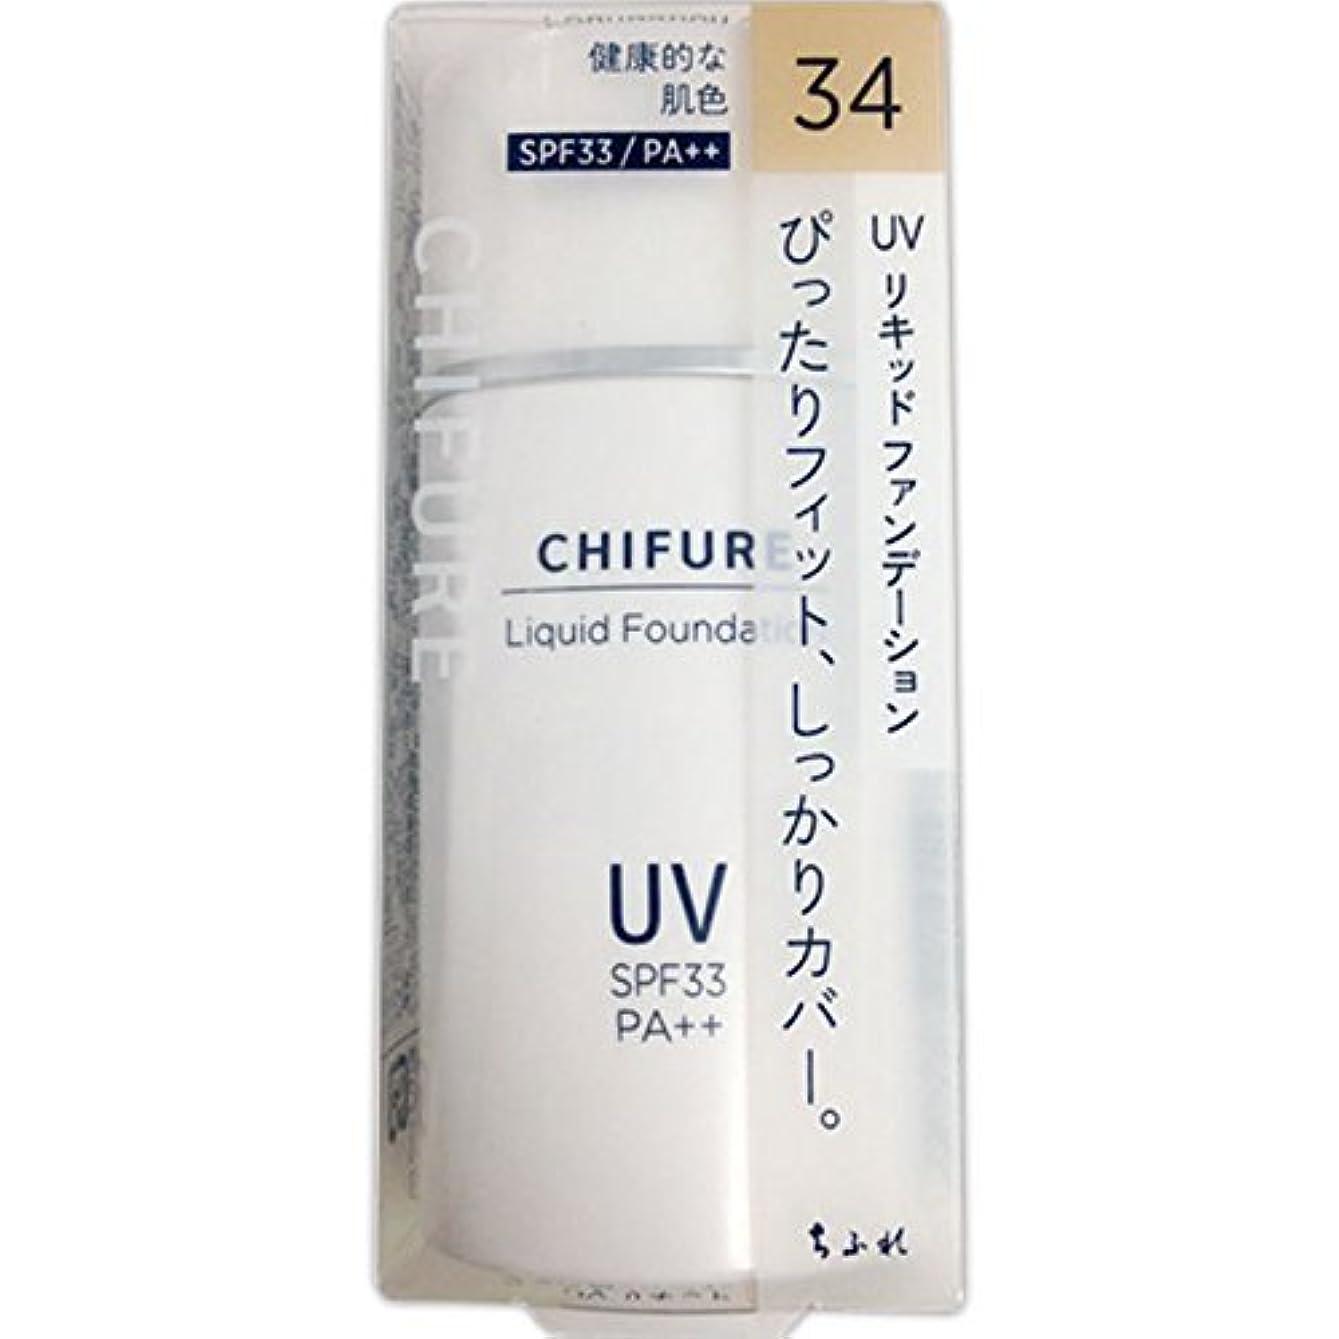 虚栄心もし葡萄ちふれ化粧品 UV リキッド ファンデーション 34 健康的な肌色 30ML